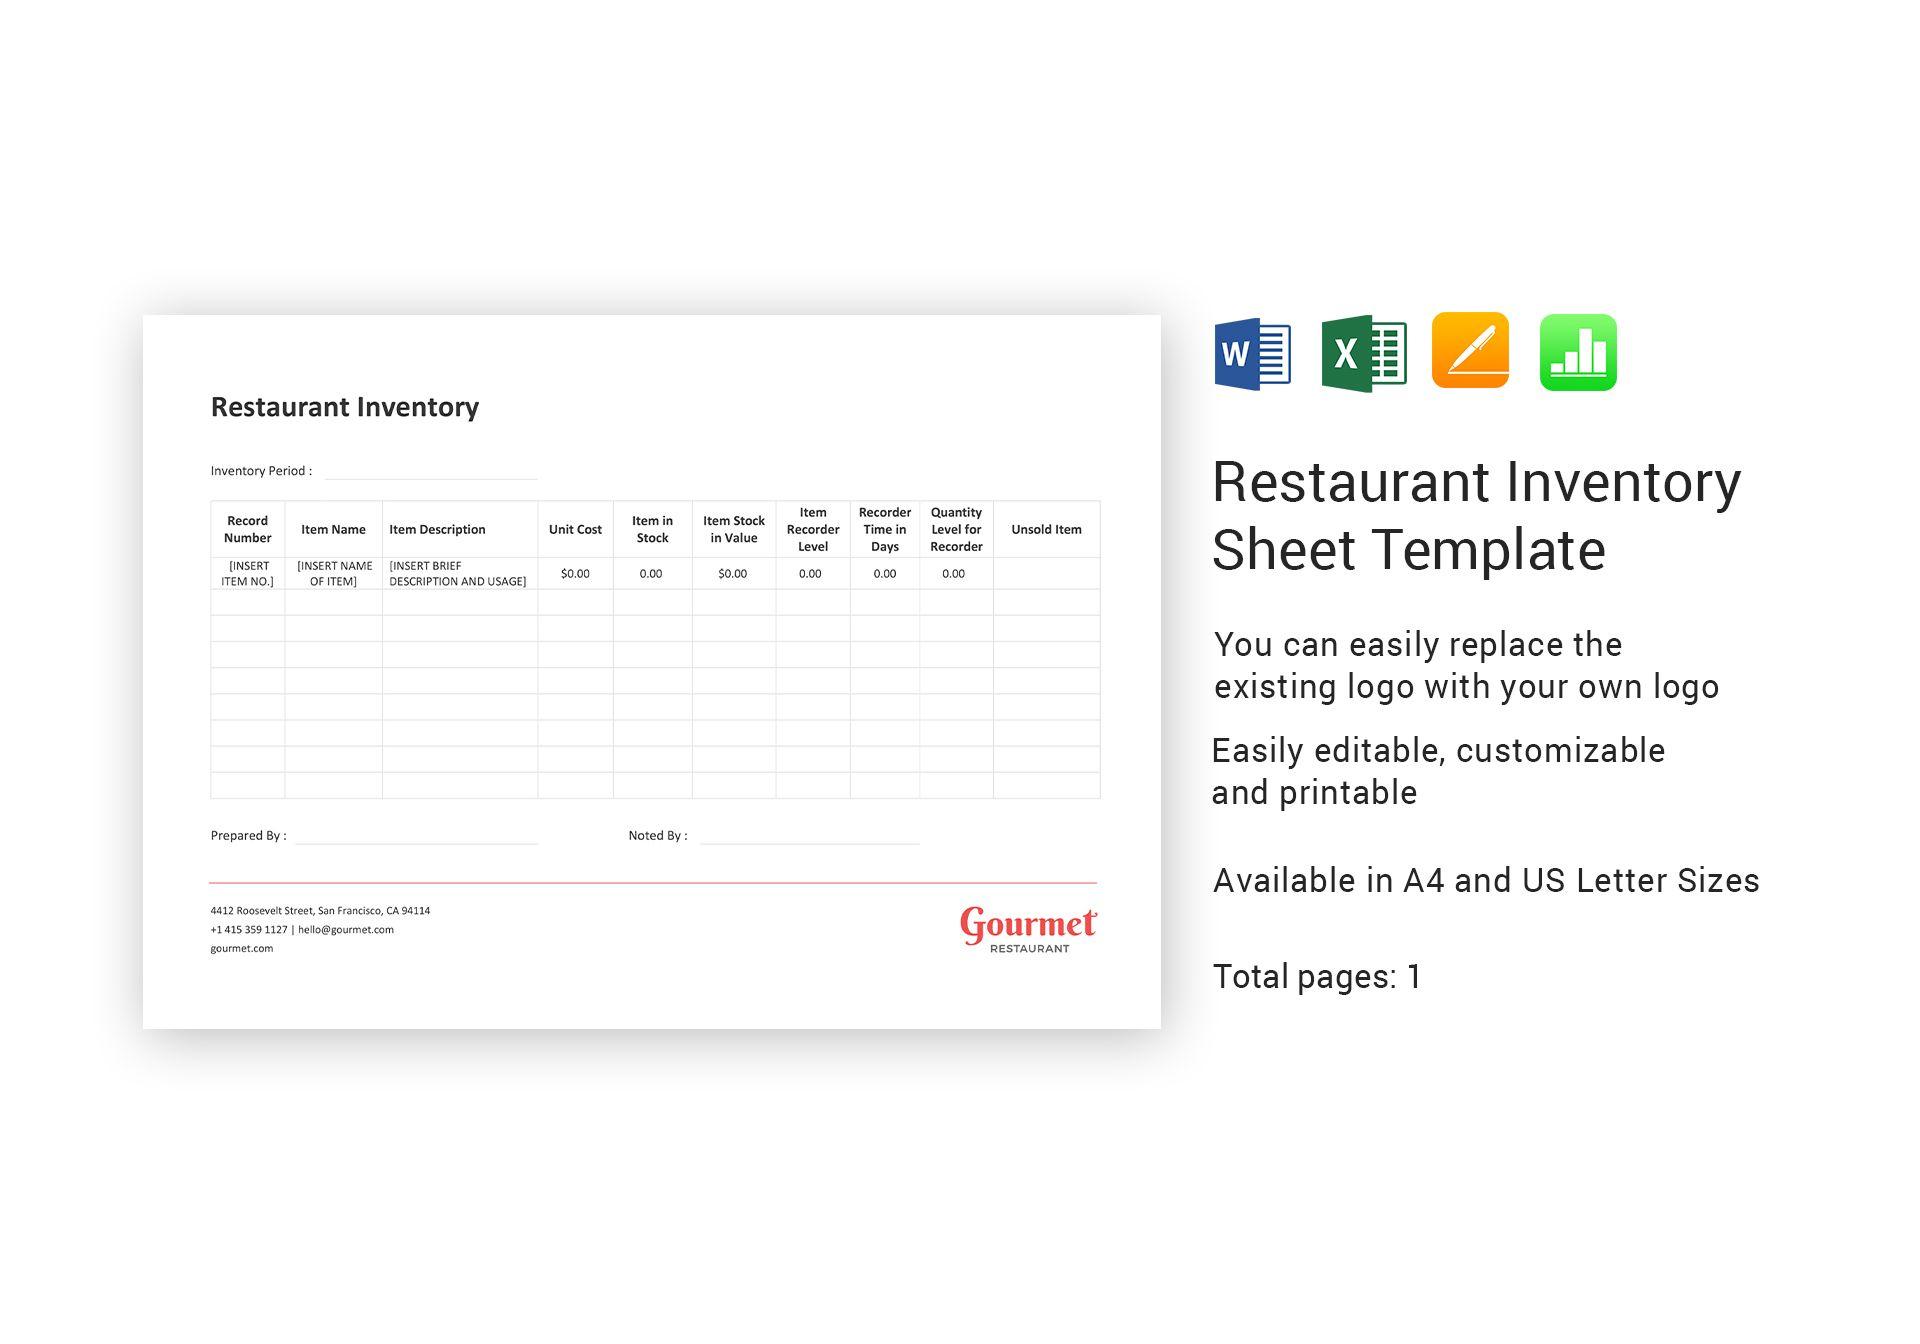 restaurant inventory sheet template